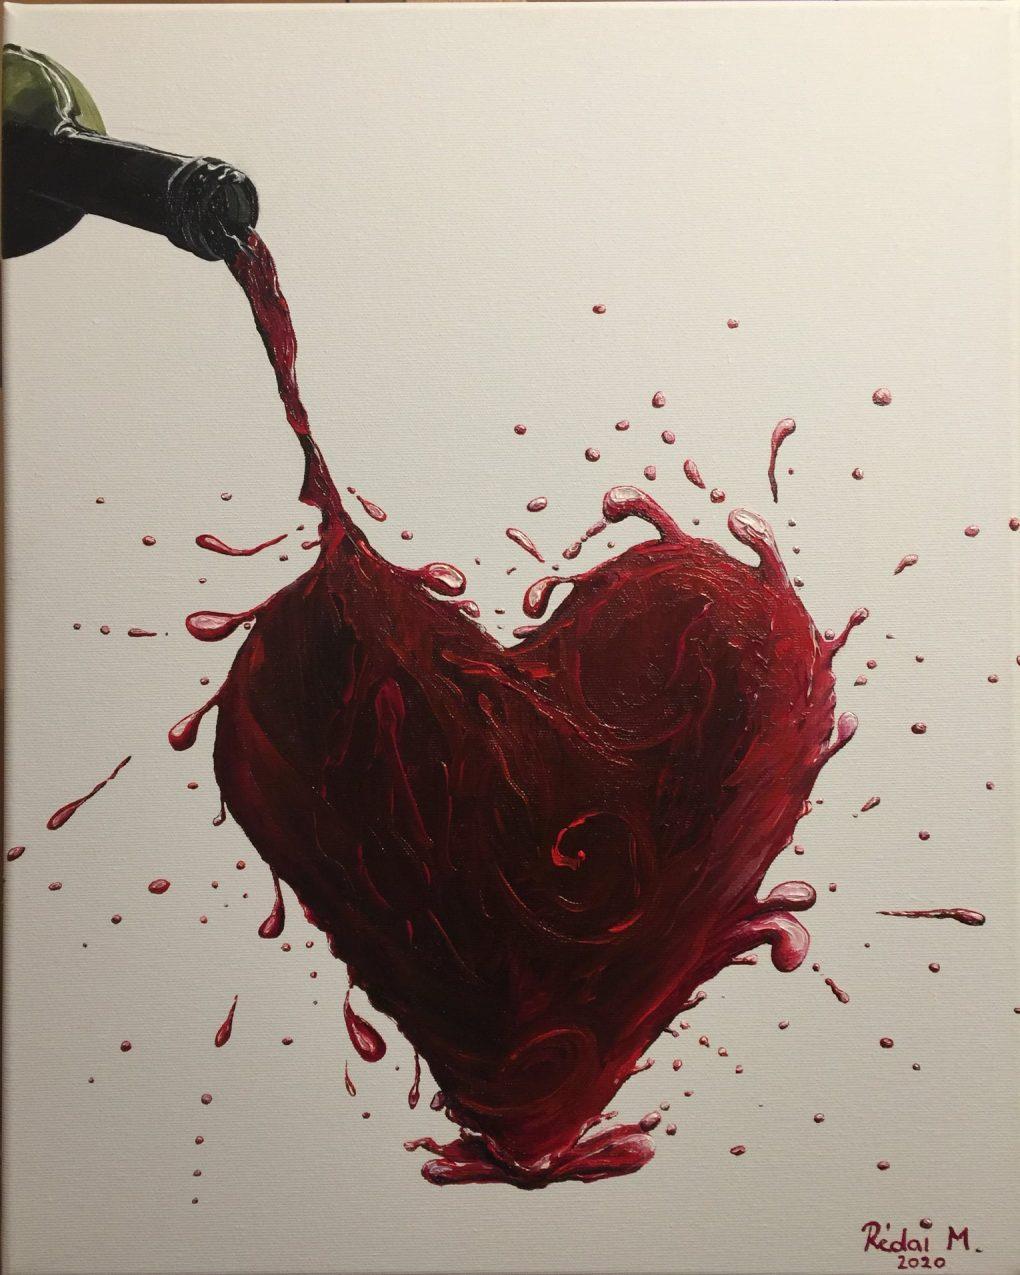 Rédai Magdolna Teréz Bor, egészség, szerelem